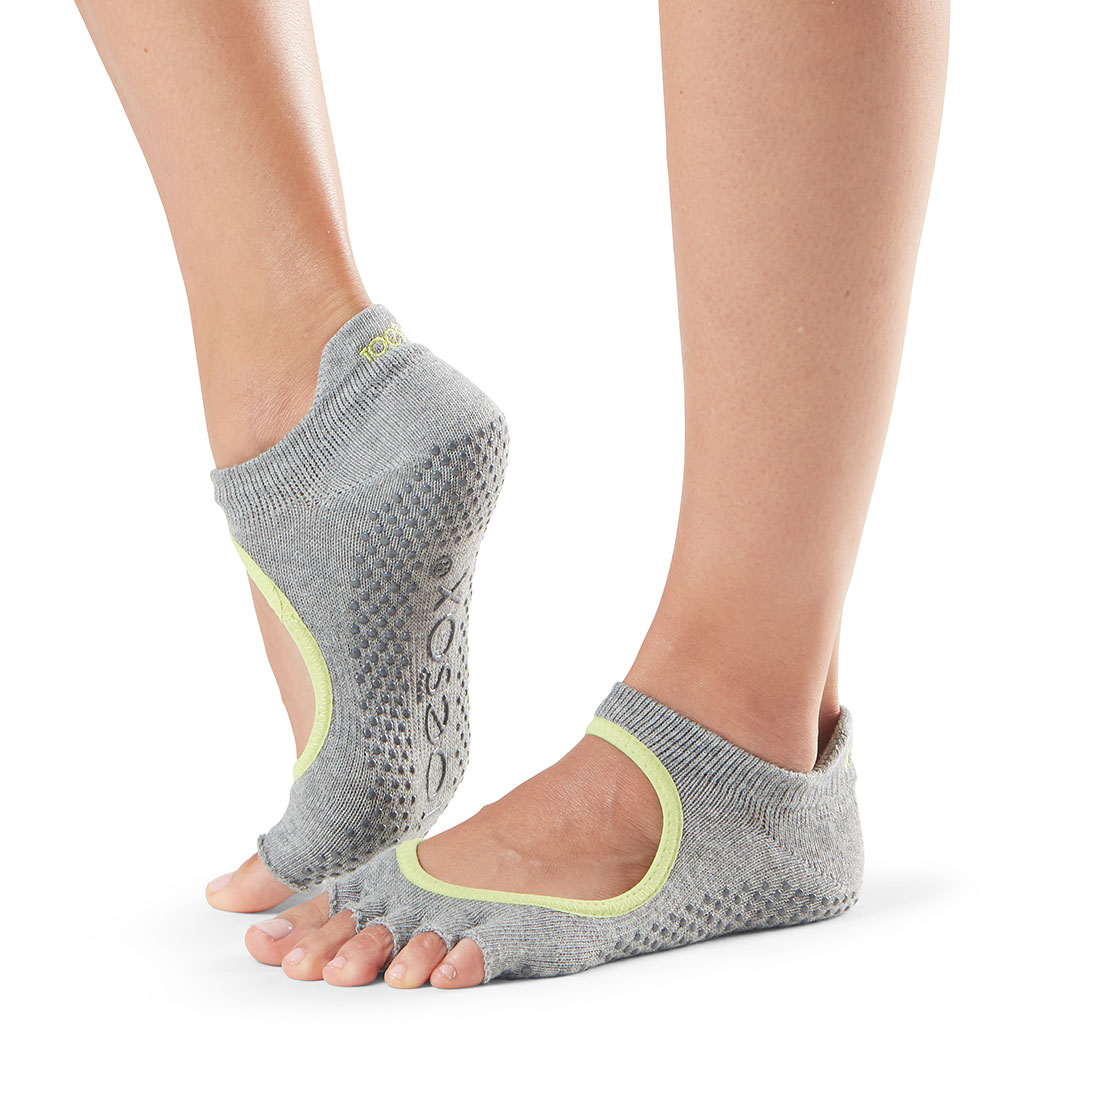 Yogasocken ToeSox Bellarina Half Toe Heather Grey